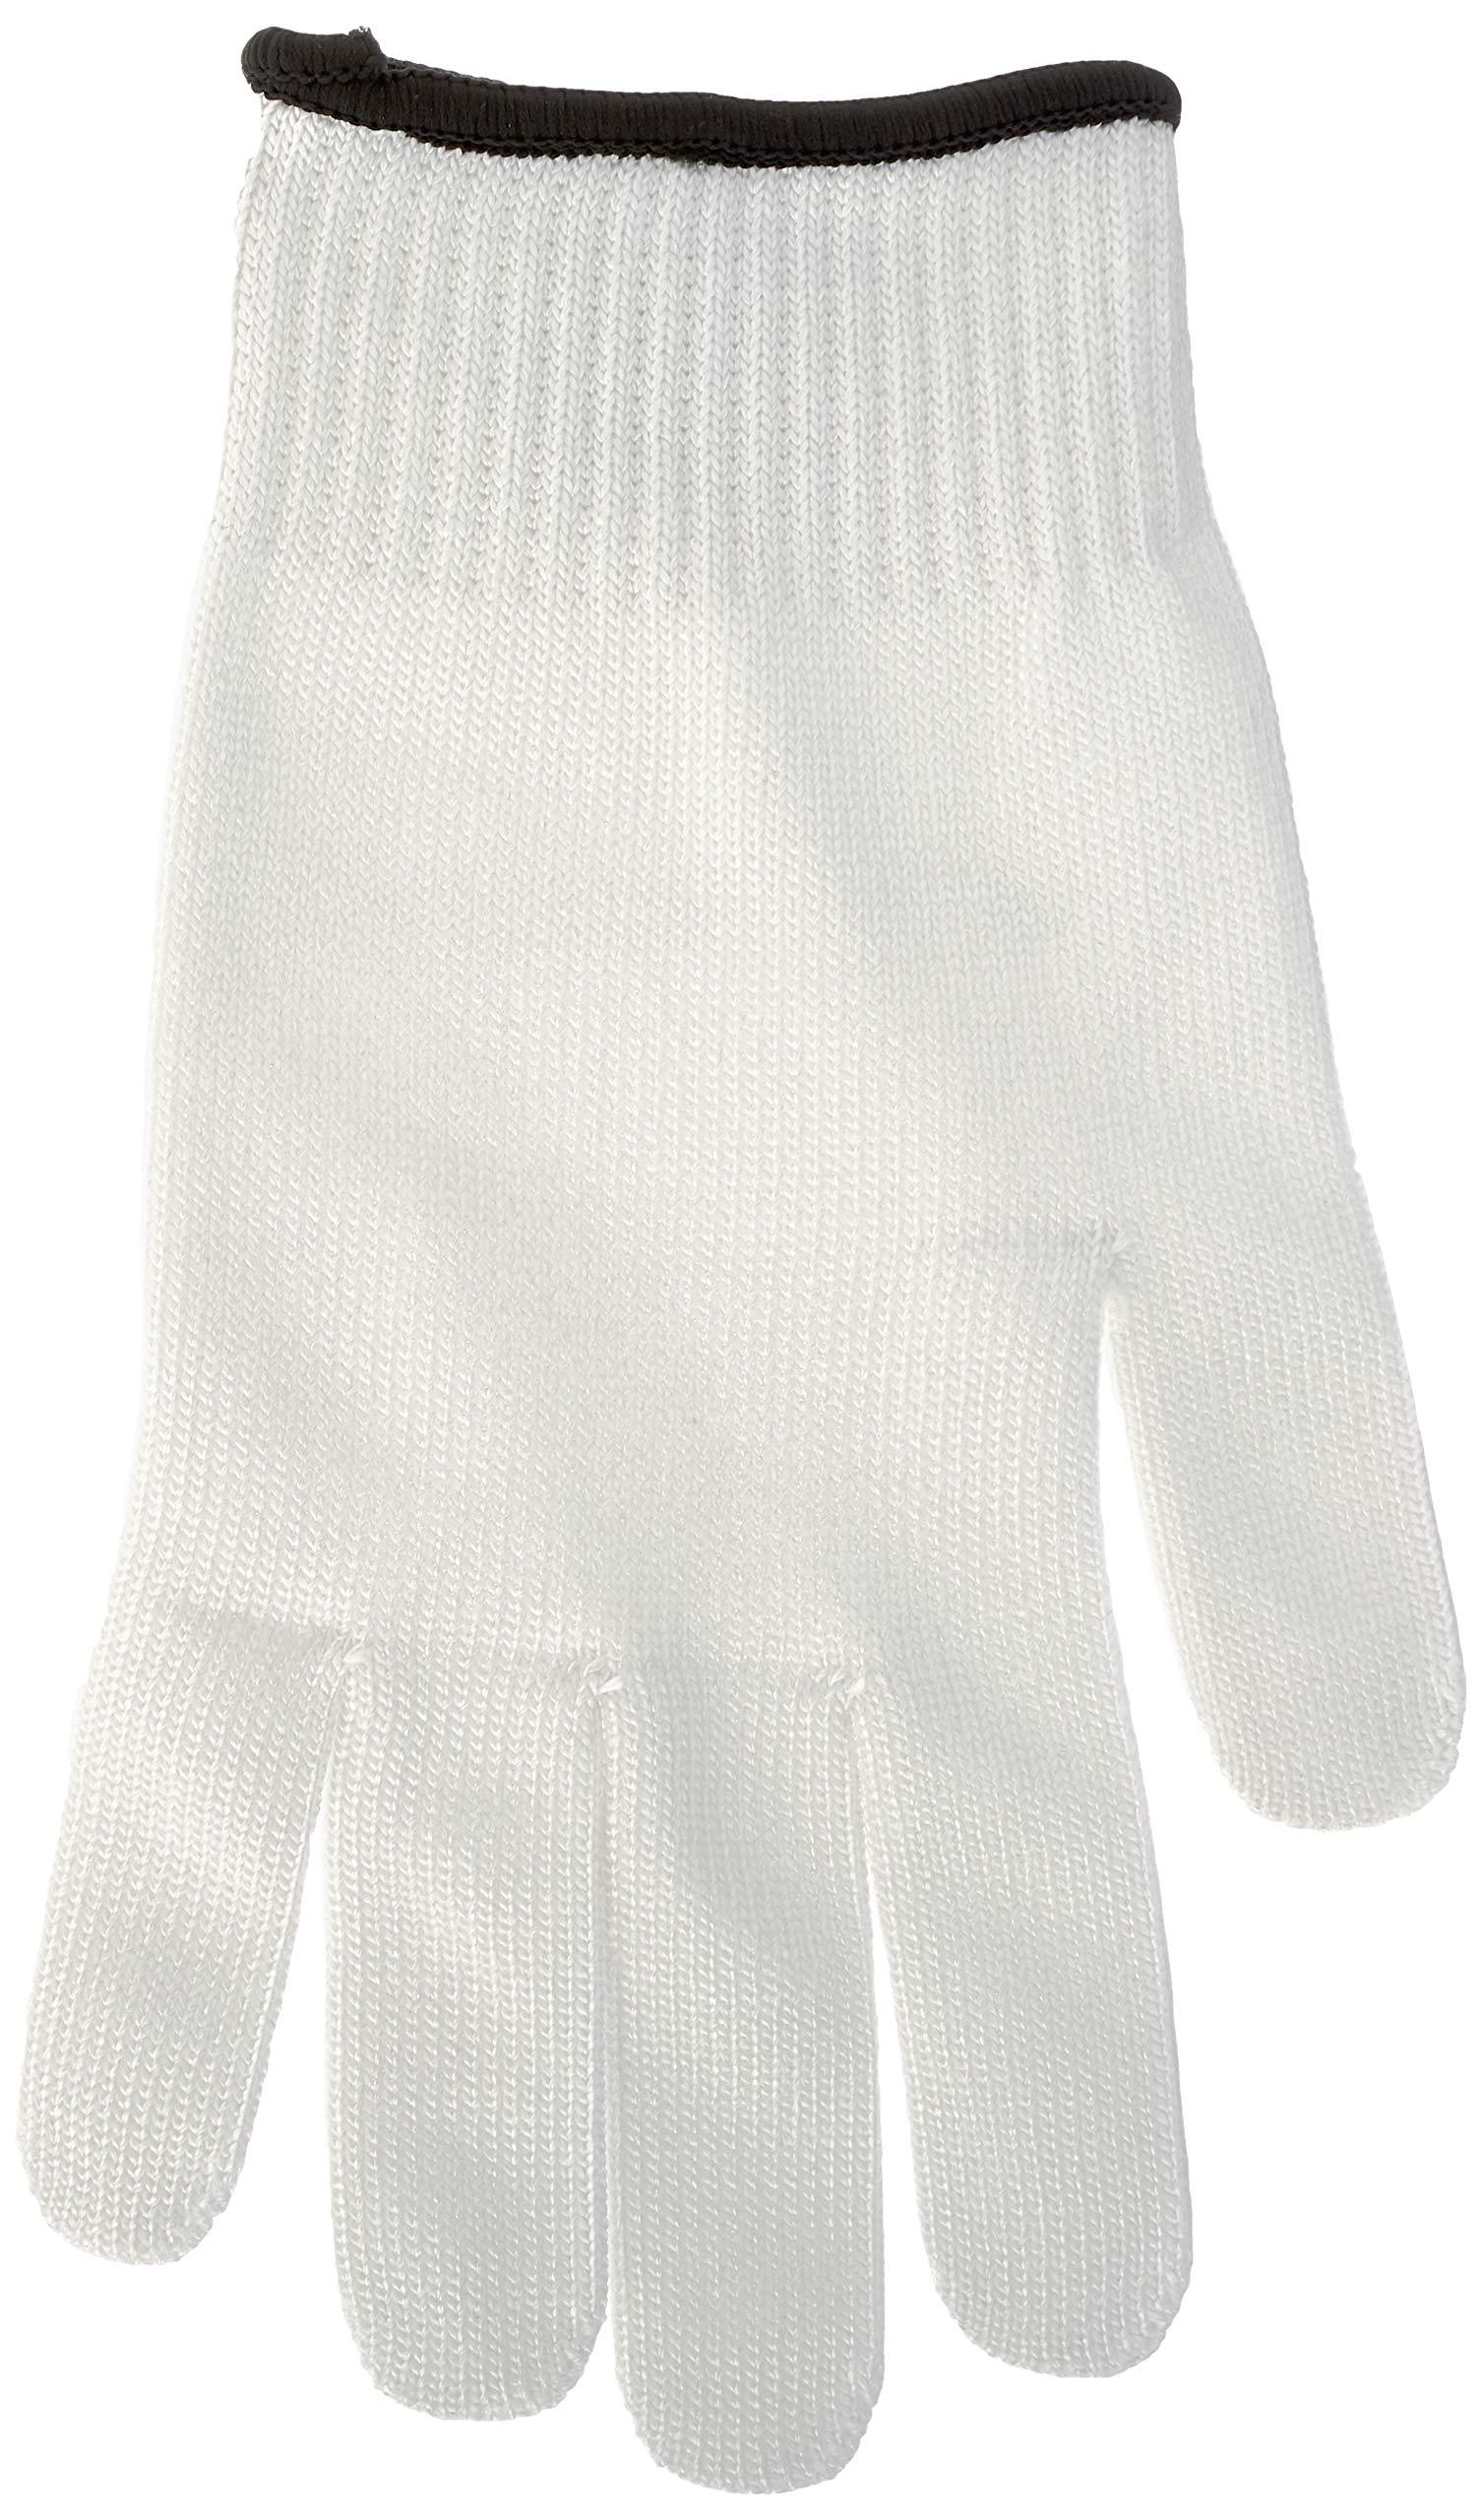 Mercer Culinary Millennia Level A5 Cut Glove, X-Large, White